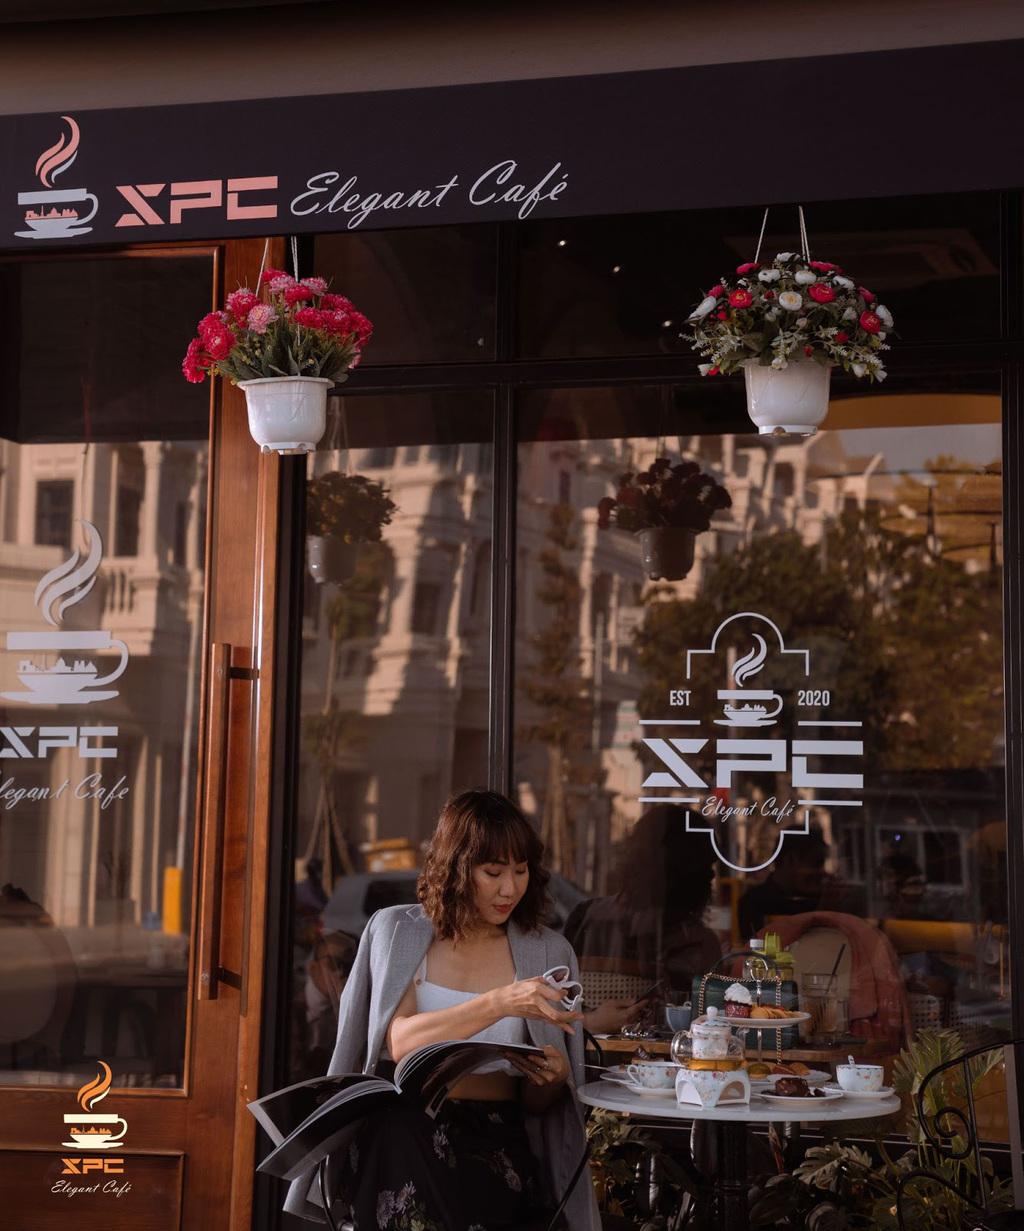 SPC Elegant Café – Paris thu nhỏ giữa lòng Sài Gòn